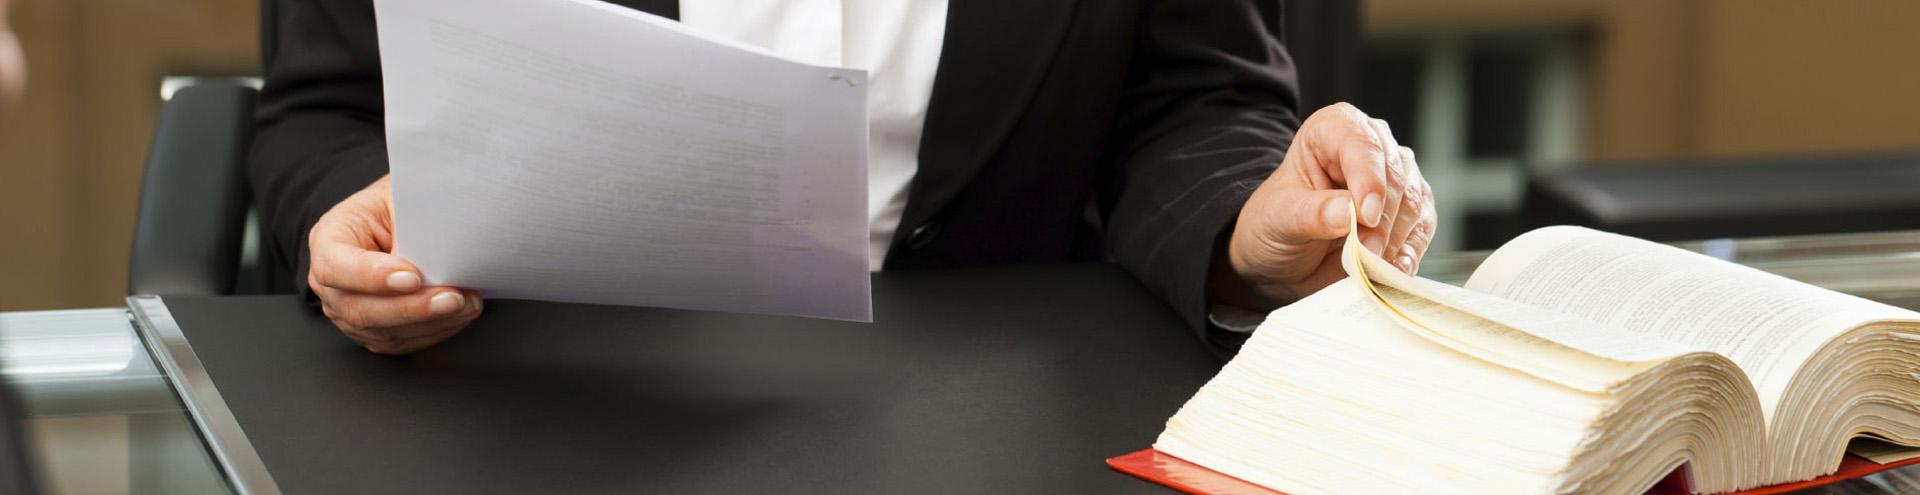 Касационное обжалование решения арбитражного суда в Челябинске